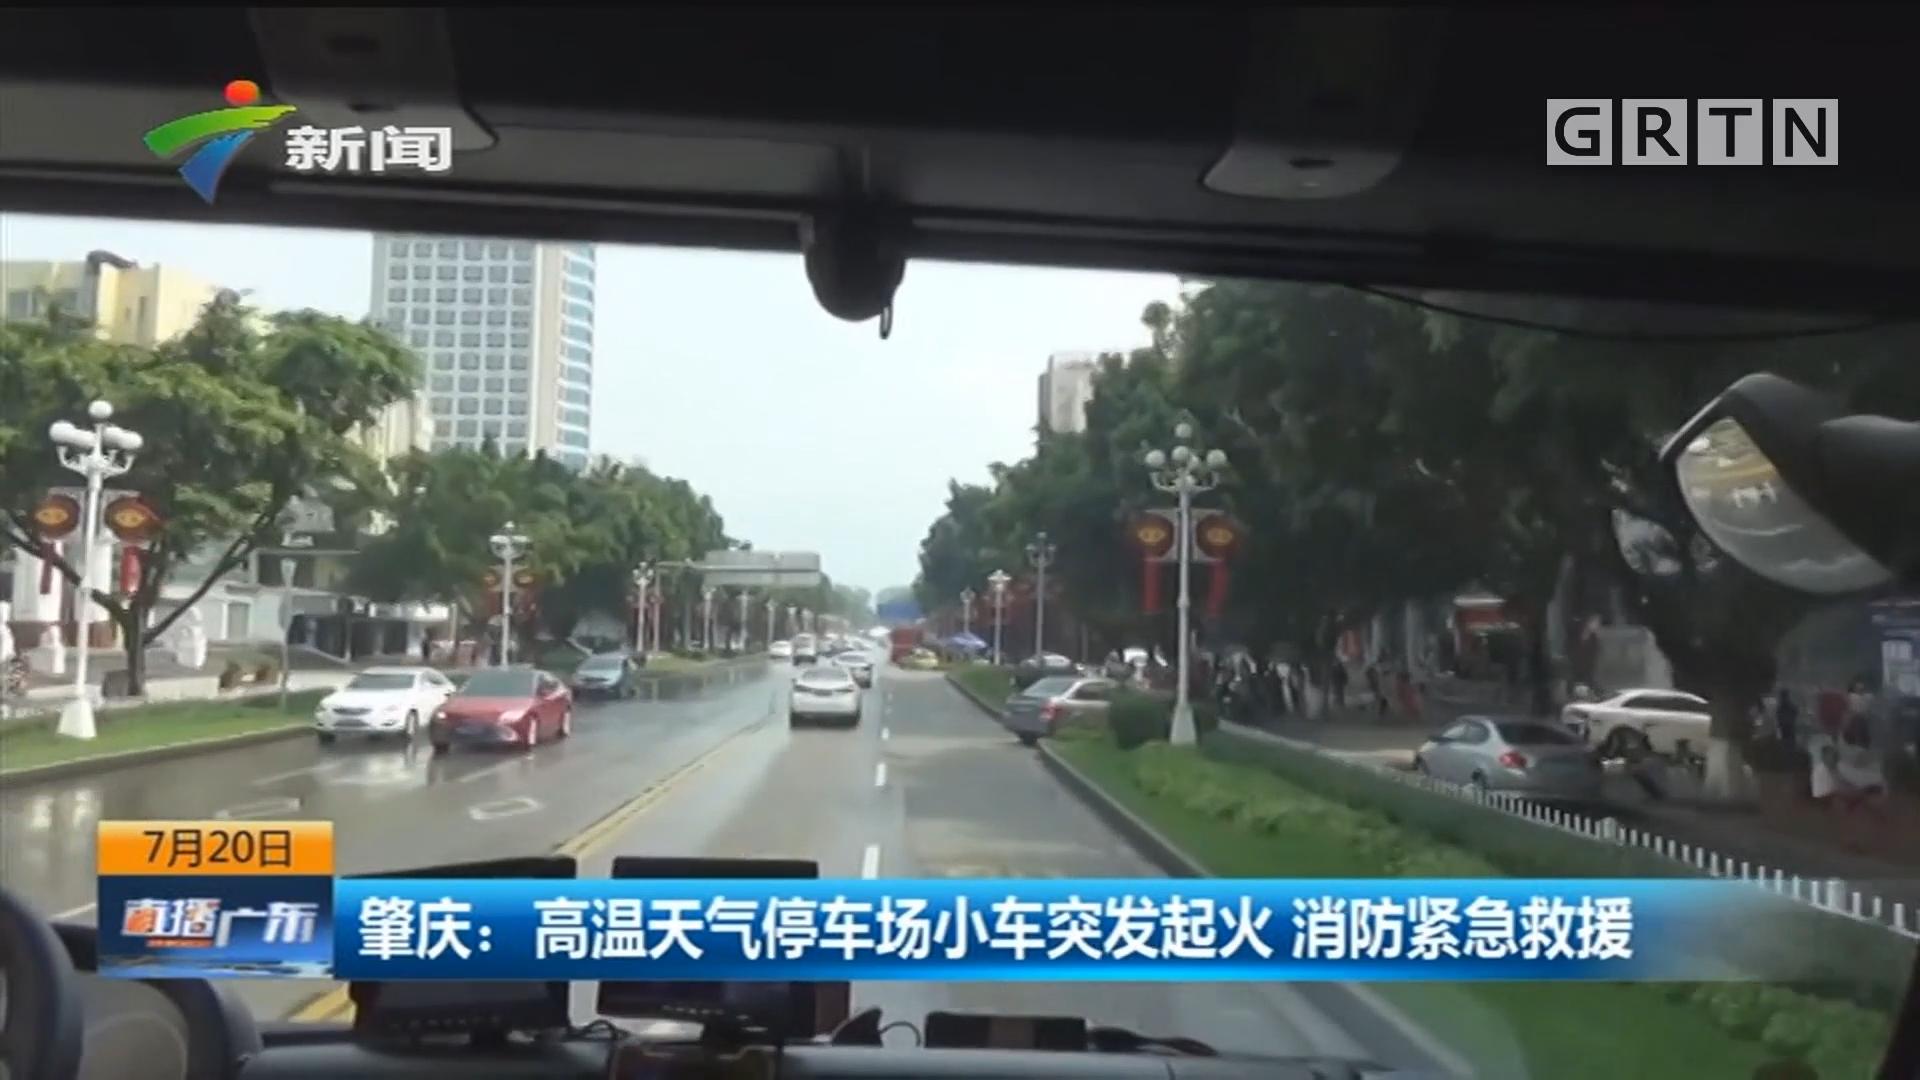 肇庆:高温天气停车场小车突发起火 消防紧急救援